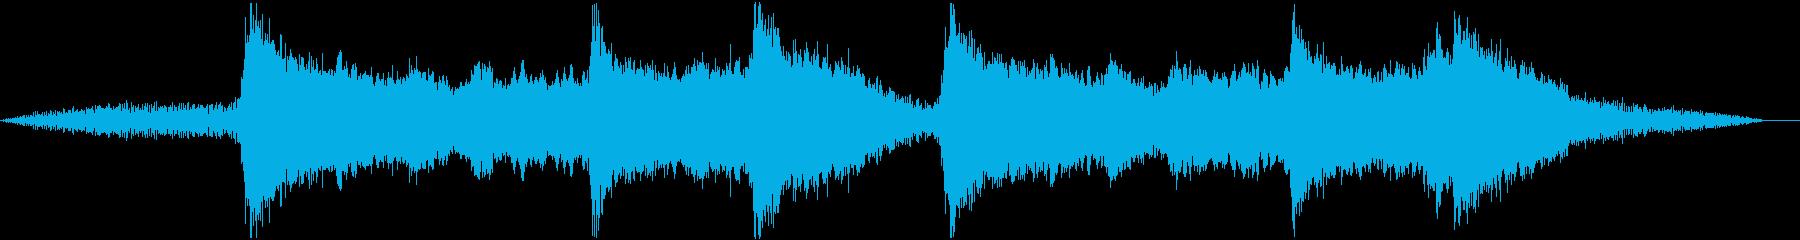 日本の伝統音楽っぽいBGMの再生済みの波形